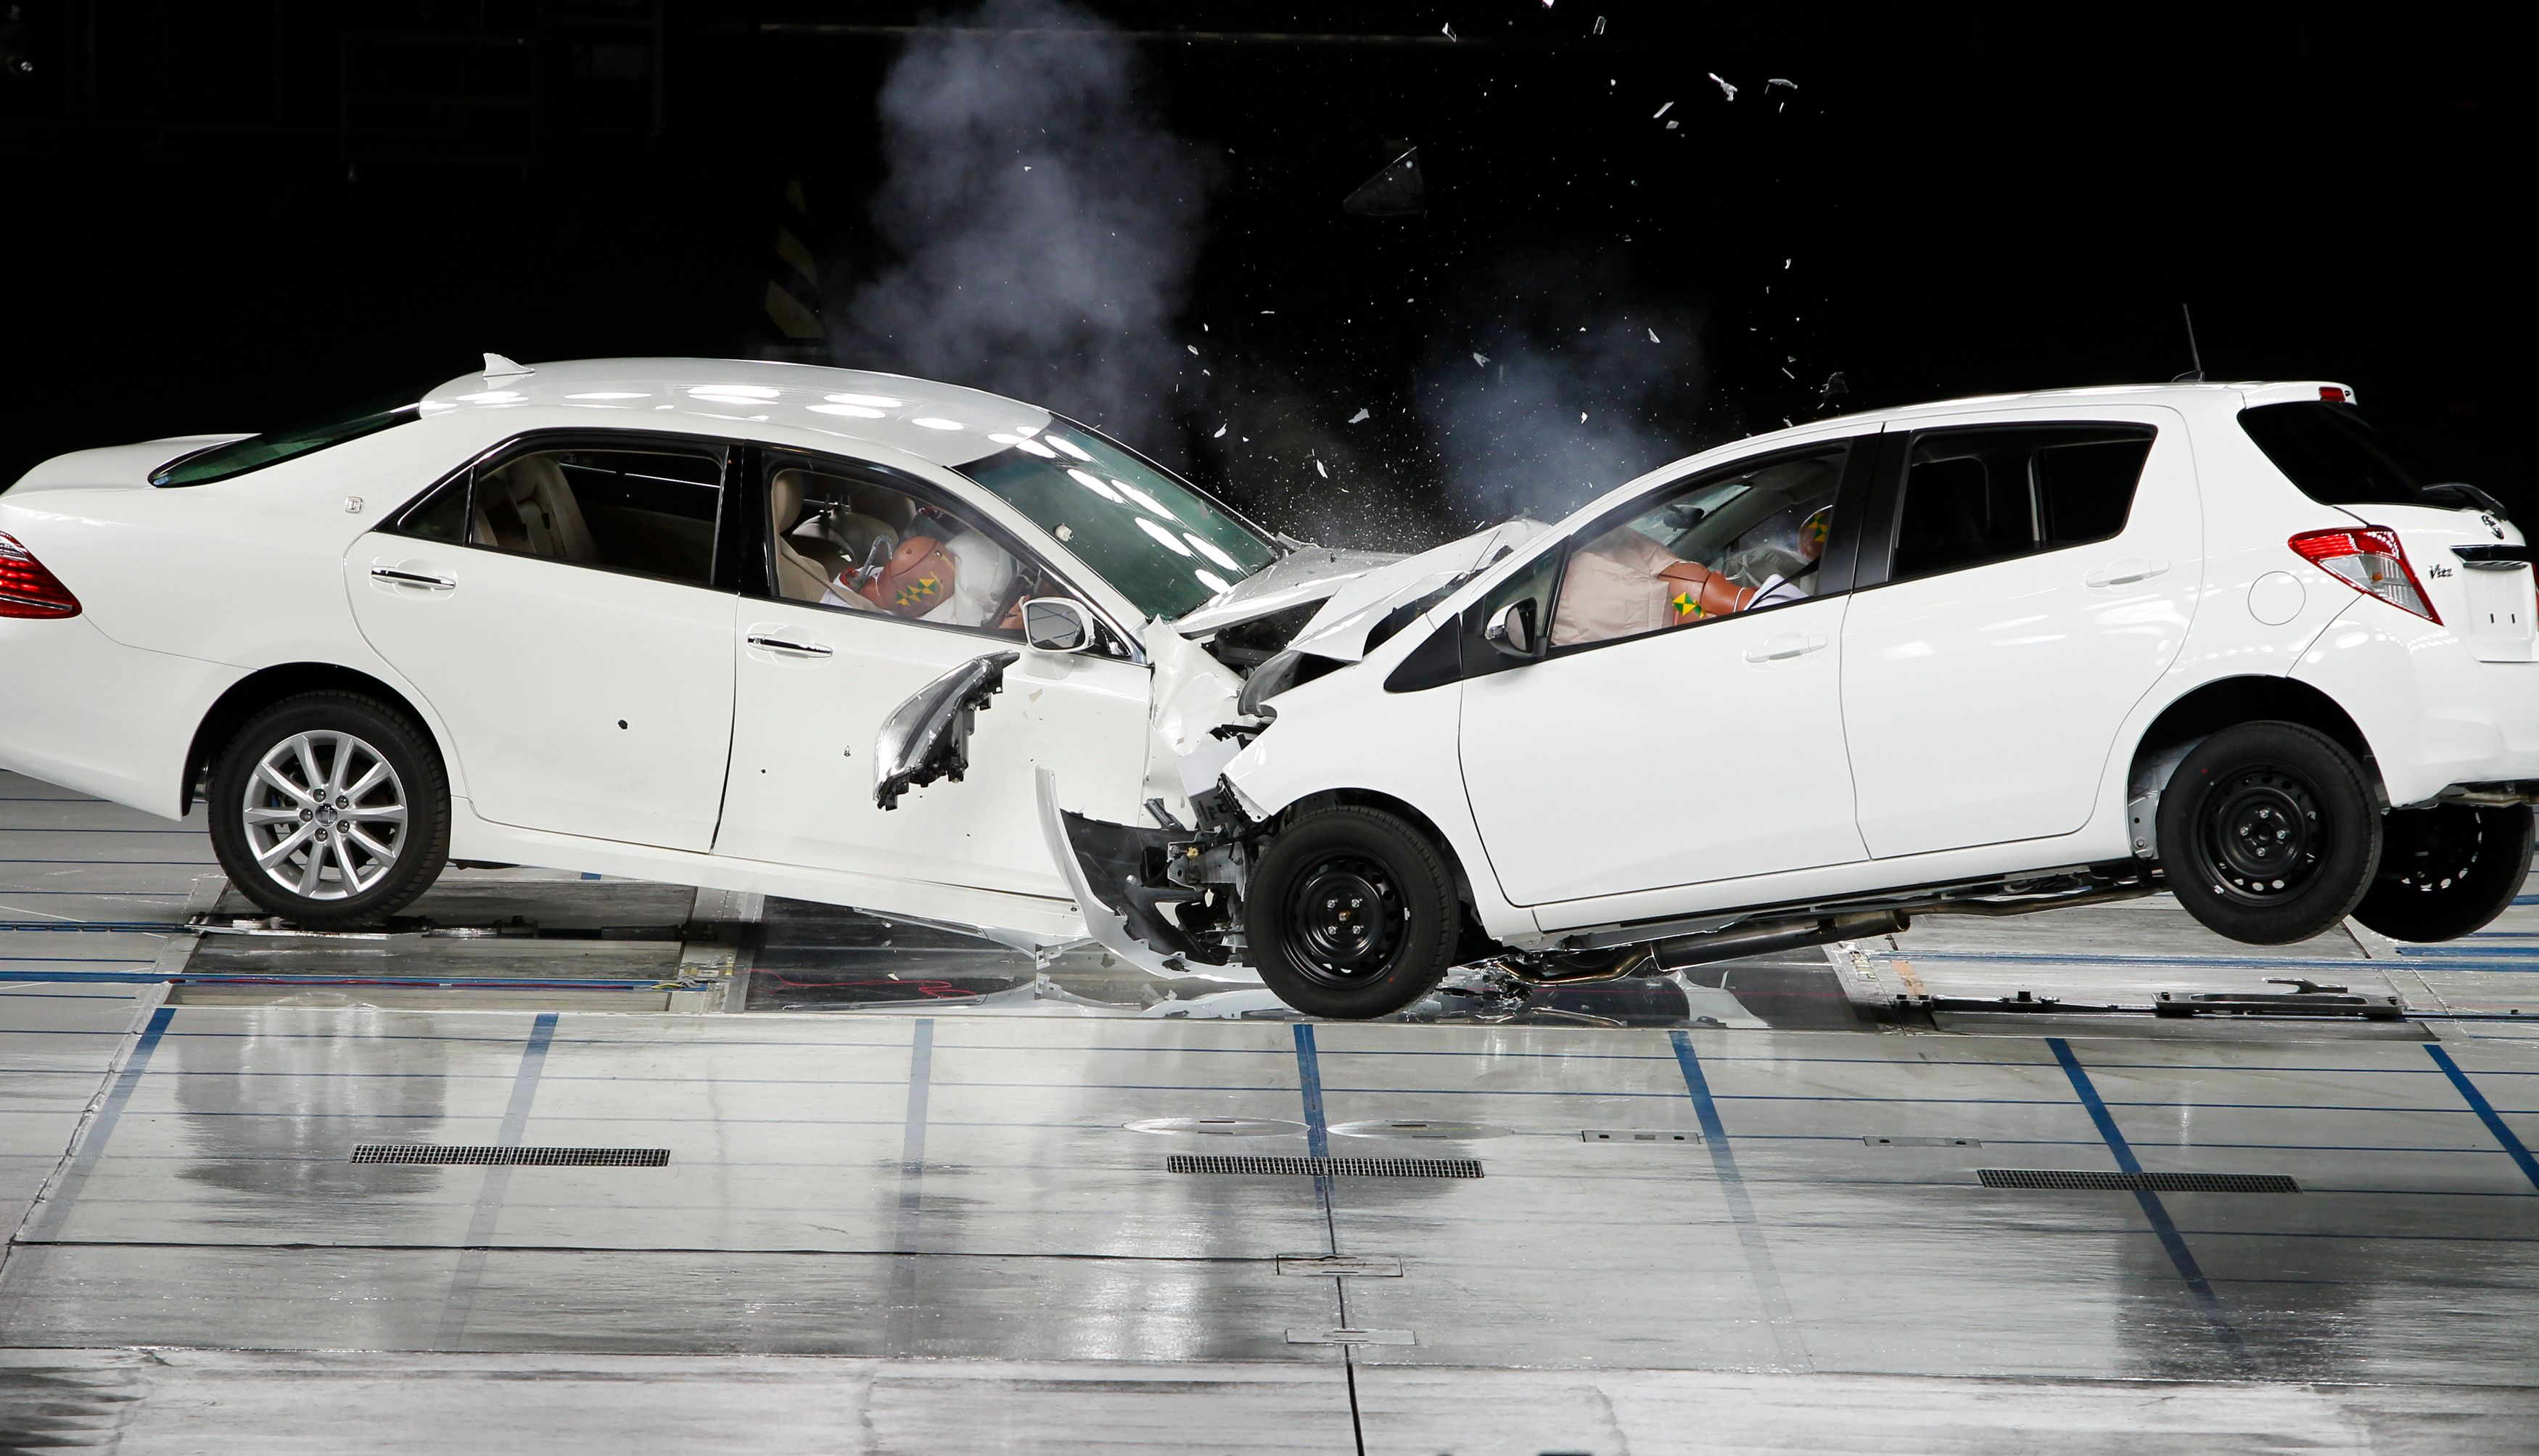 Sécurité routière : augmentation de 30,4% du nombre de morts sur les routes en septembre